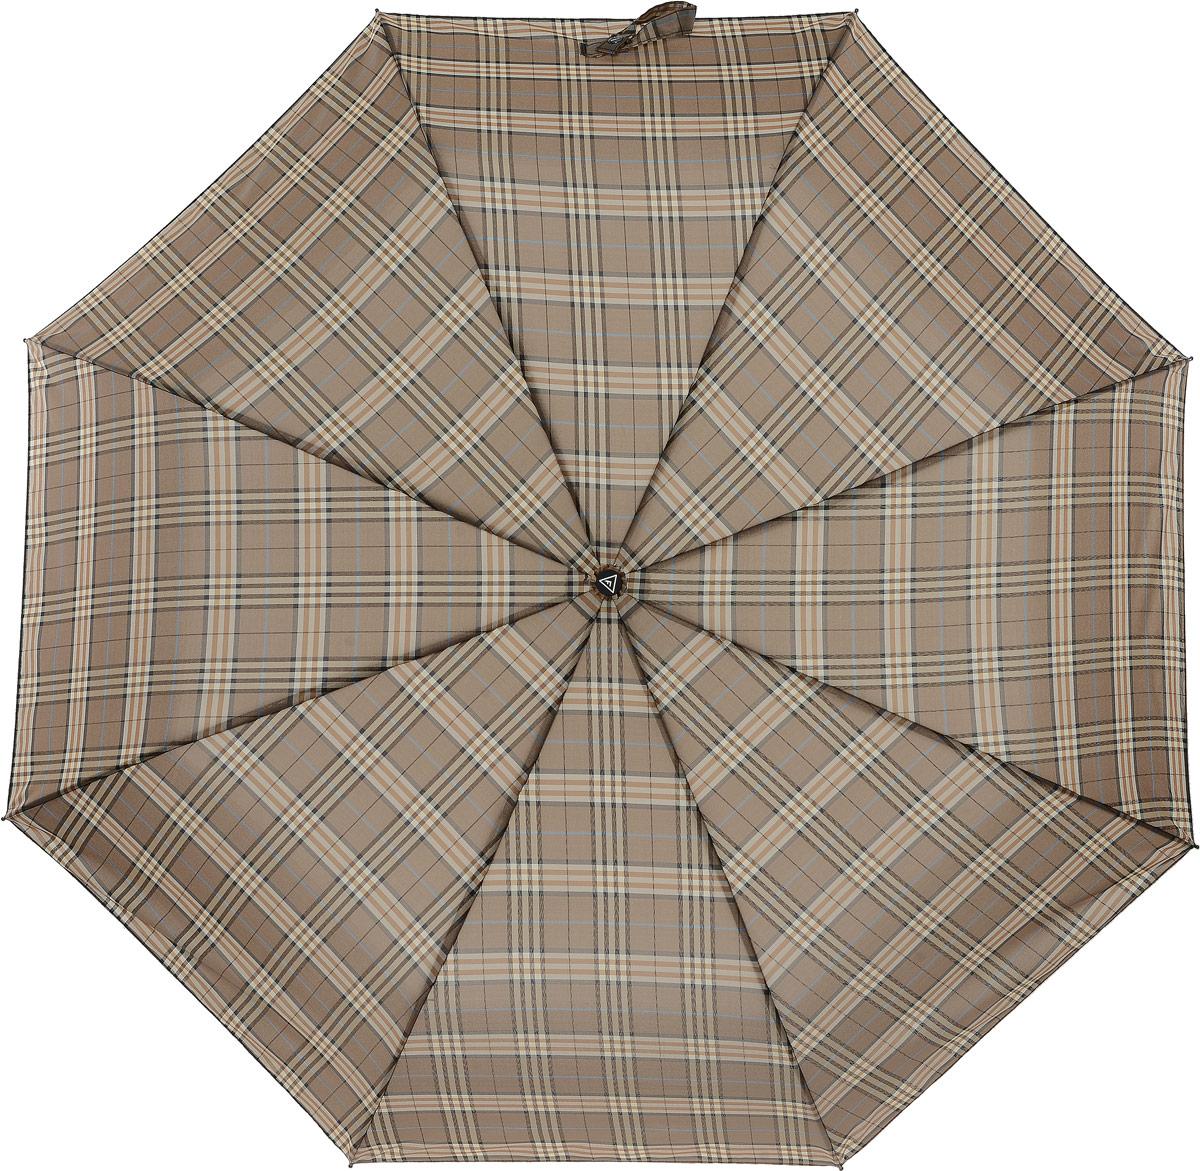 Зонт мужской Fabretti, цвет: бежевый. MCH-2Колье (короткие одноярусные бусы)Классический зонт - полный автомат от итальянского бренда Fabretti. Материал купола - эпонж, обладает высокой прочностью и износостойкостью. Вода на куполе из такого материала скатывается каплями вниз, а не впитывается, на нем практически не видны следы изгибов. Эргономичная ручка сделана из высококачественного пластика-полиуретана с противоскользящей обработкой.